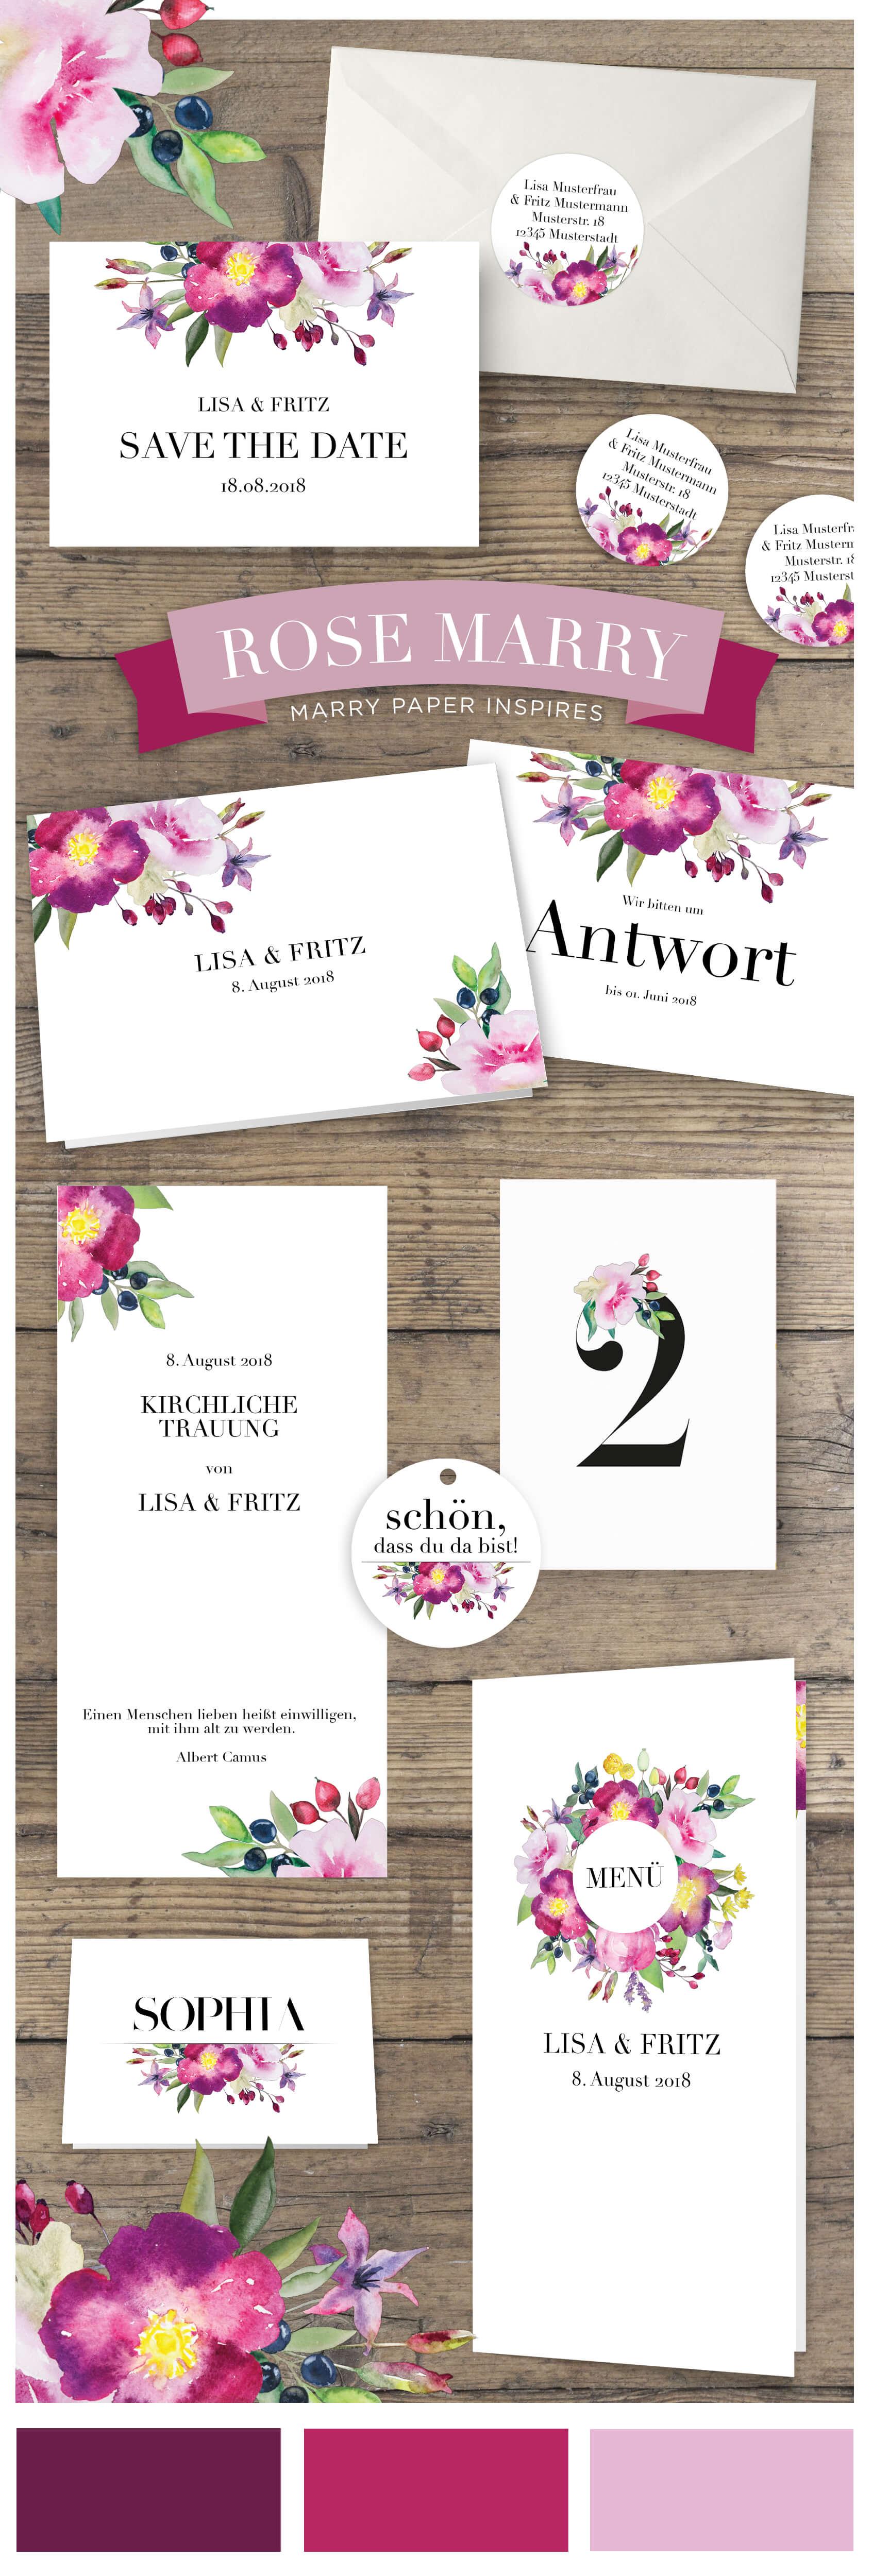 Hochzeitskarten wilde Romantik in Aquarell, Hochzeitspapeterie mit Aquarell Blumen Rosen, Verspieltes Design